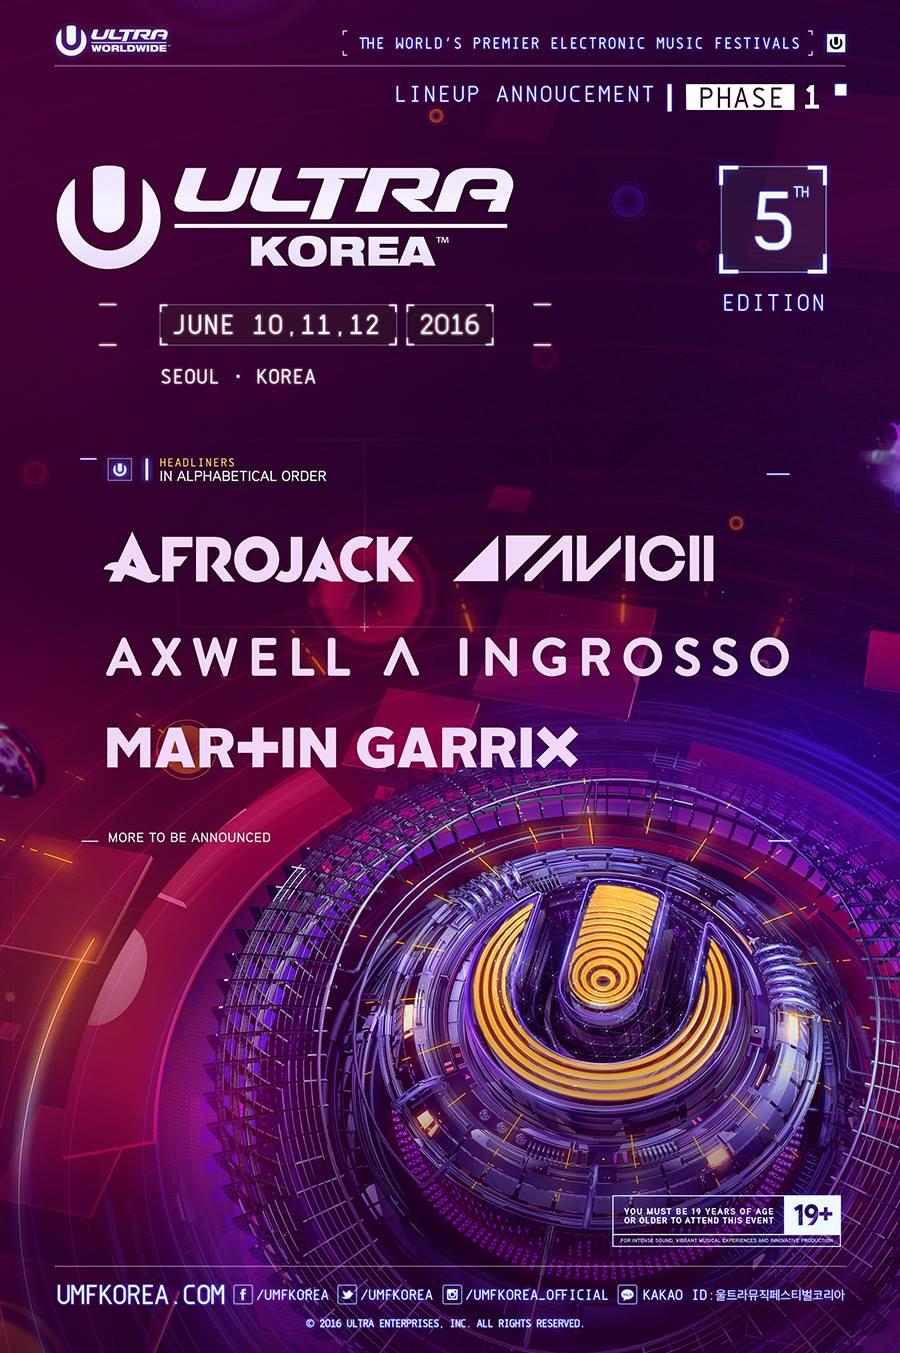 ULTRA KOREA 2016 FIRST LINEUP